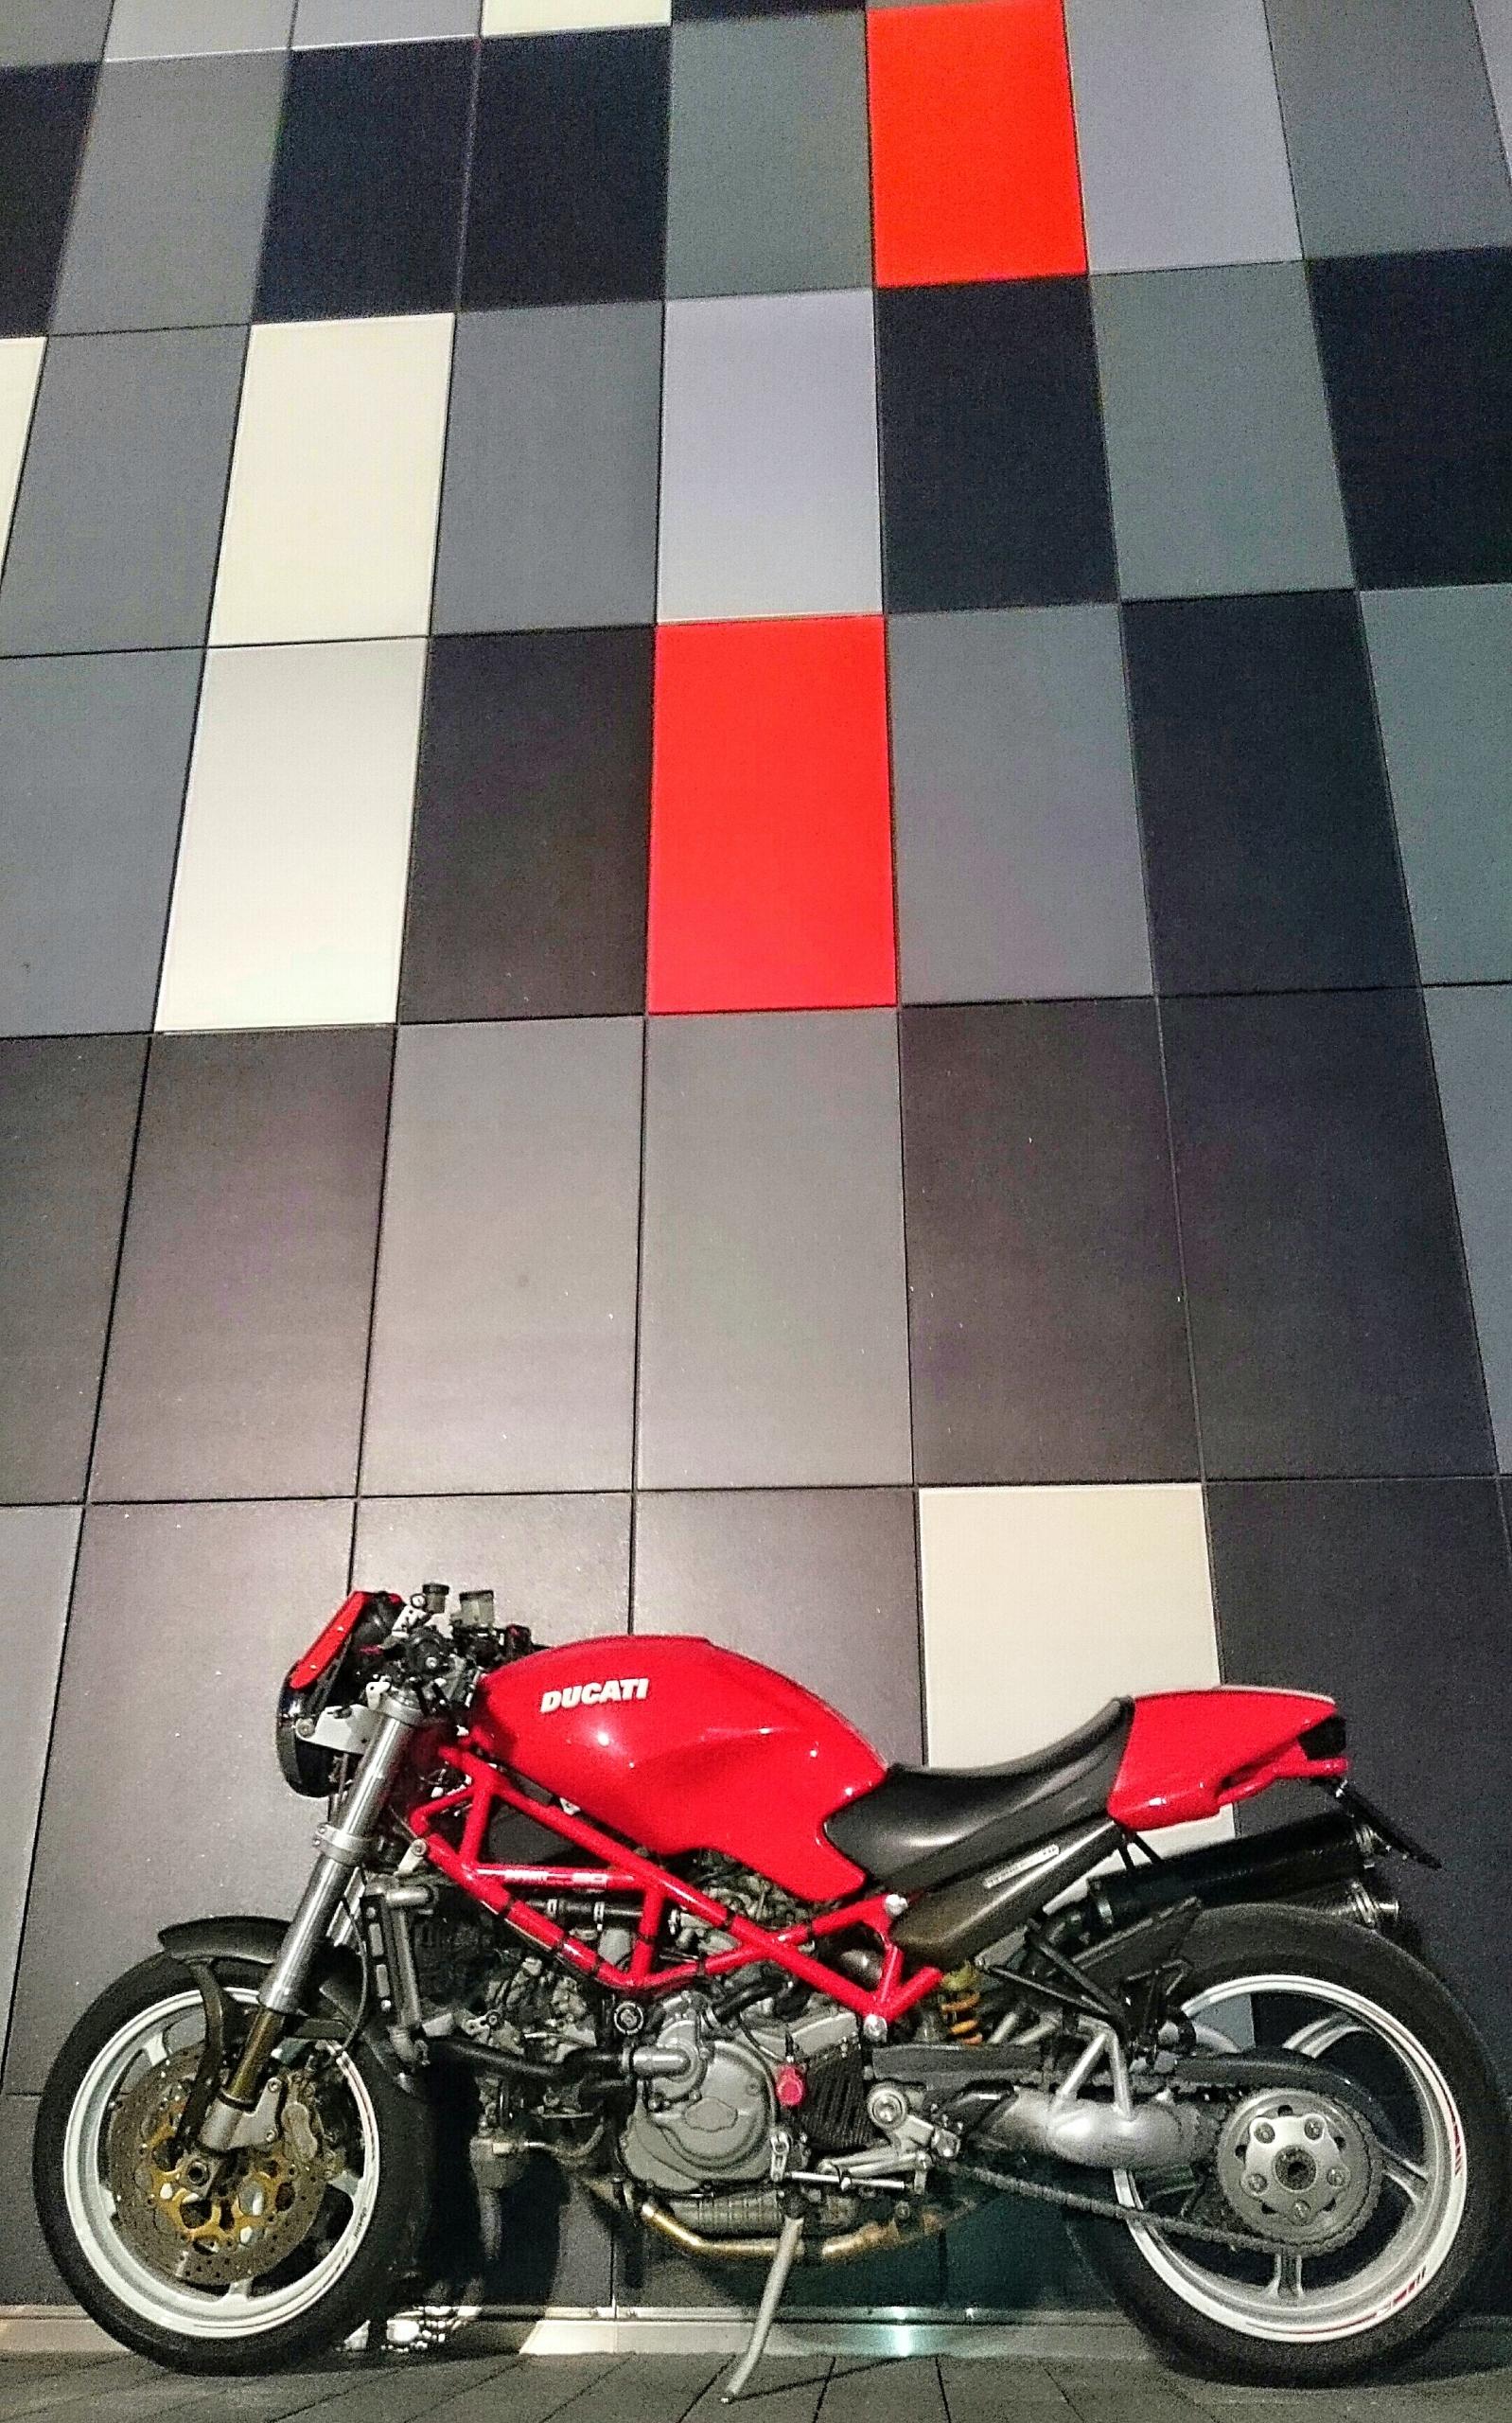 Ducati Monster S4R z 2004 roku - silnik 996 cm3